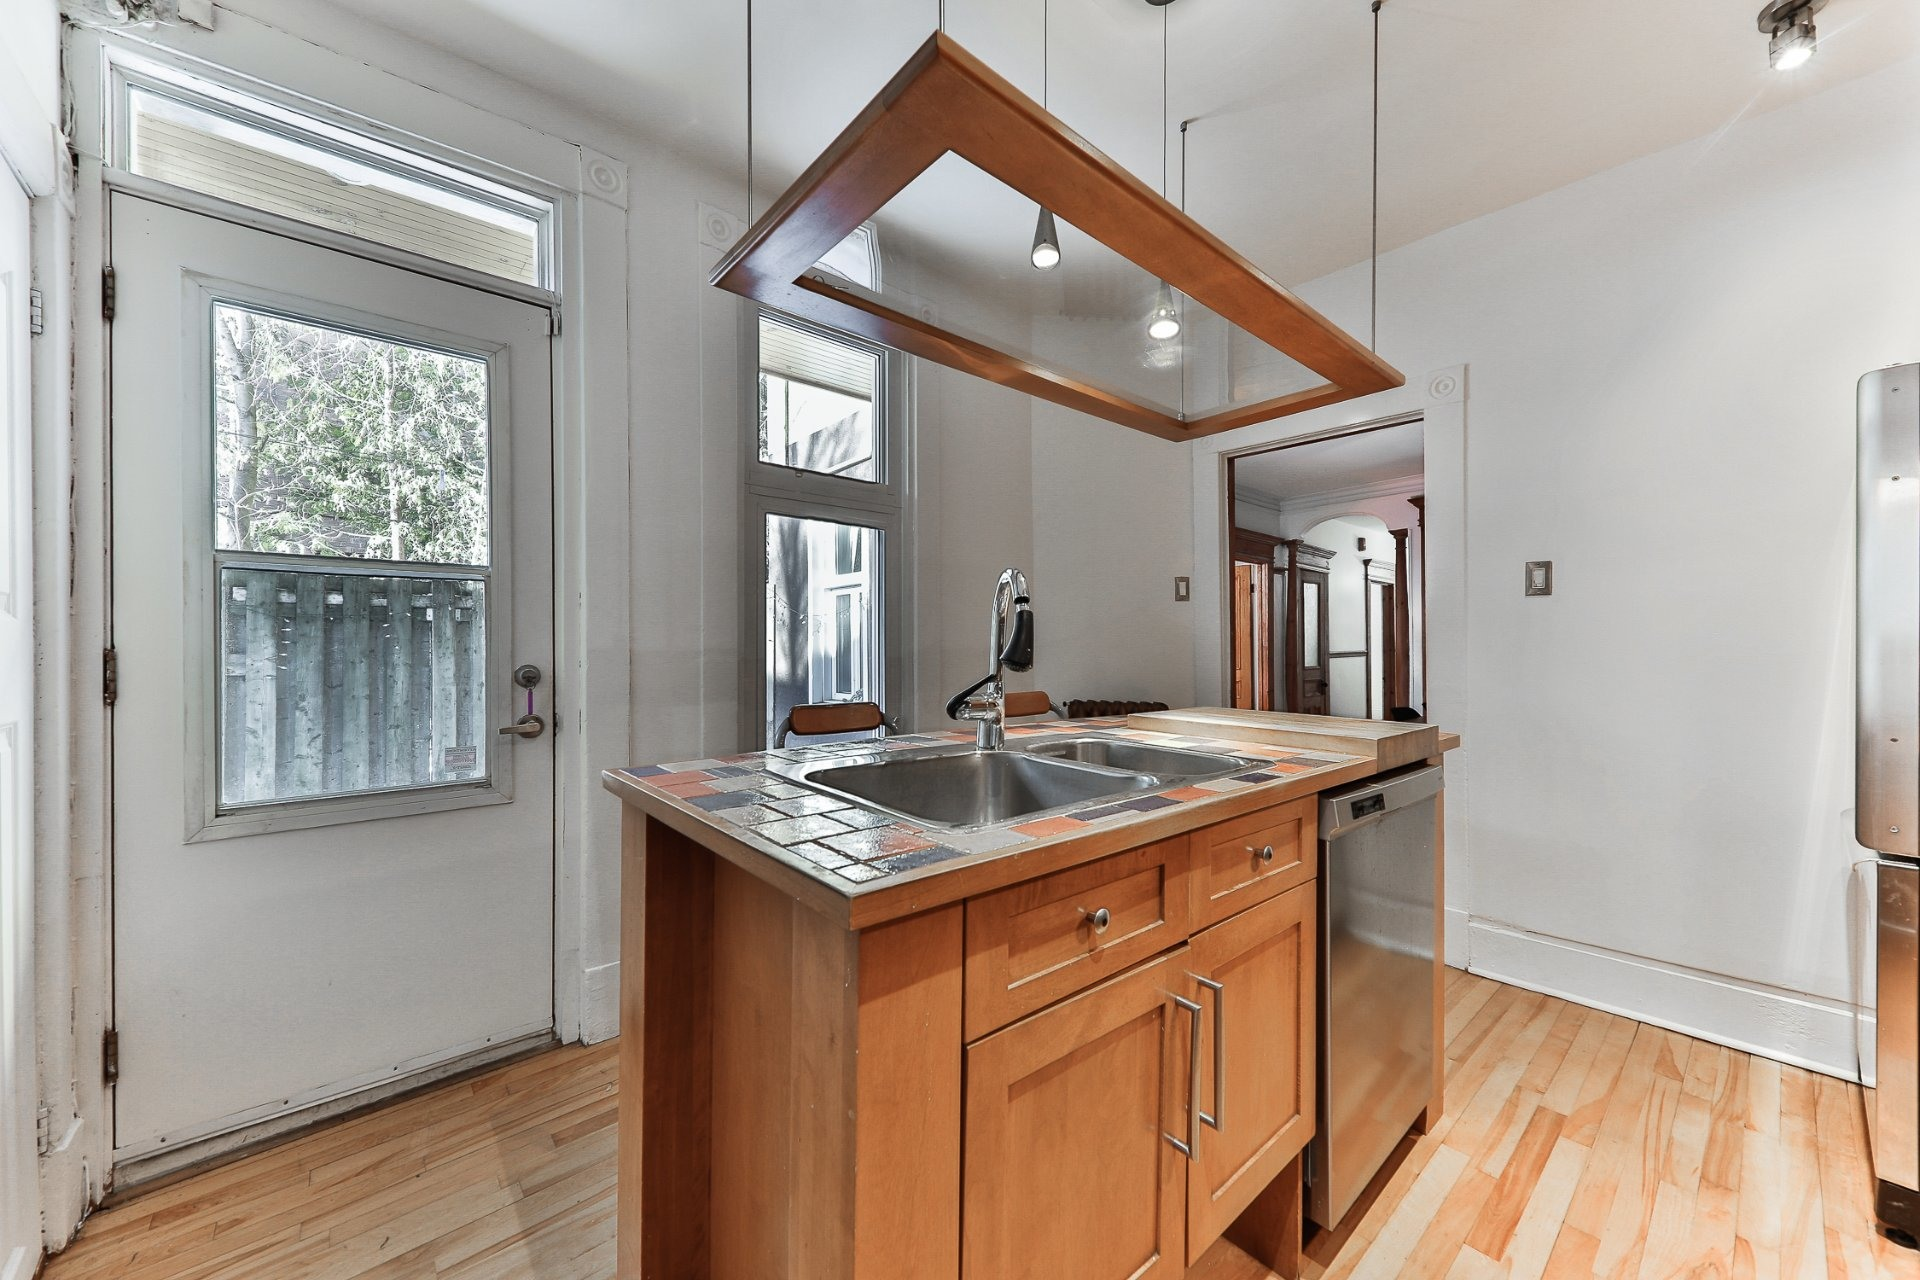 image 26 - Appartement À vendre Le Plateau-Mont-Royal Montréal  - 8 pièces